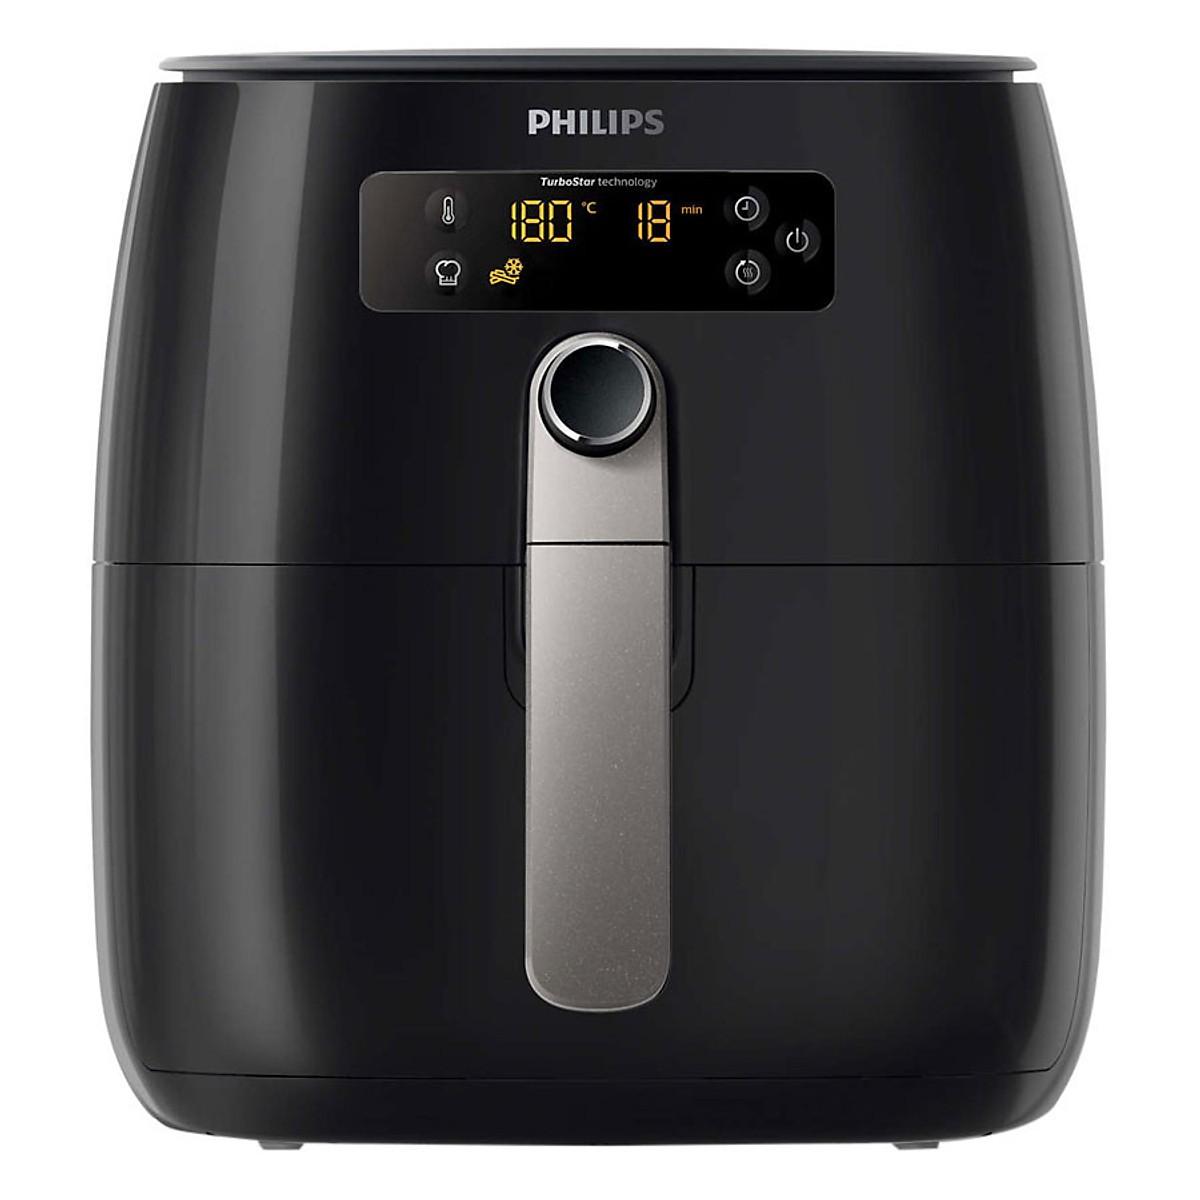 (Review) Nồi chiên không dầu Philips loại nào tốt nhất (2021): HD9220, HD9643 hay HD9240?